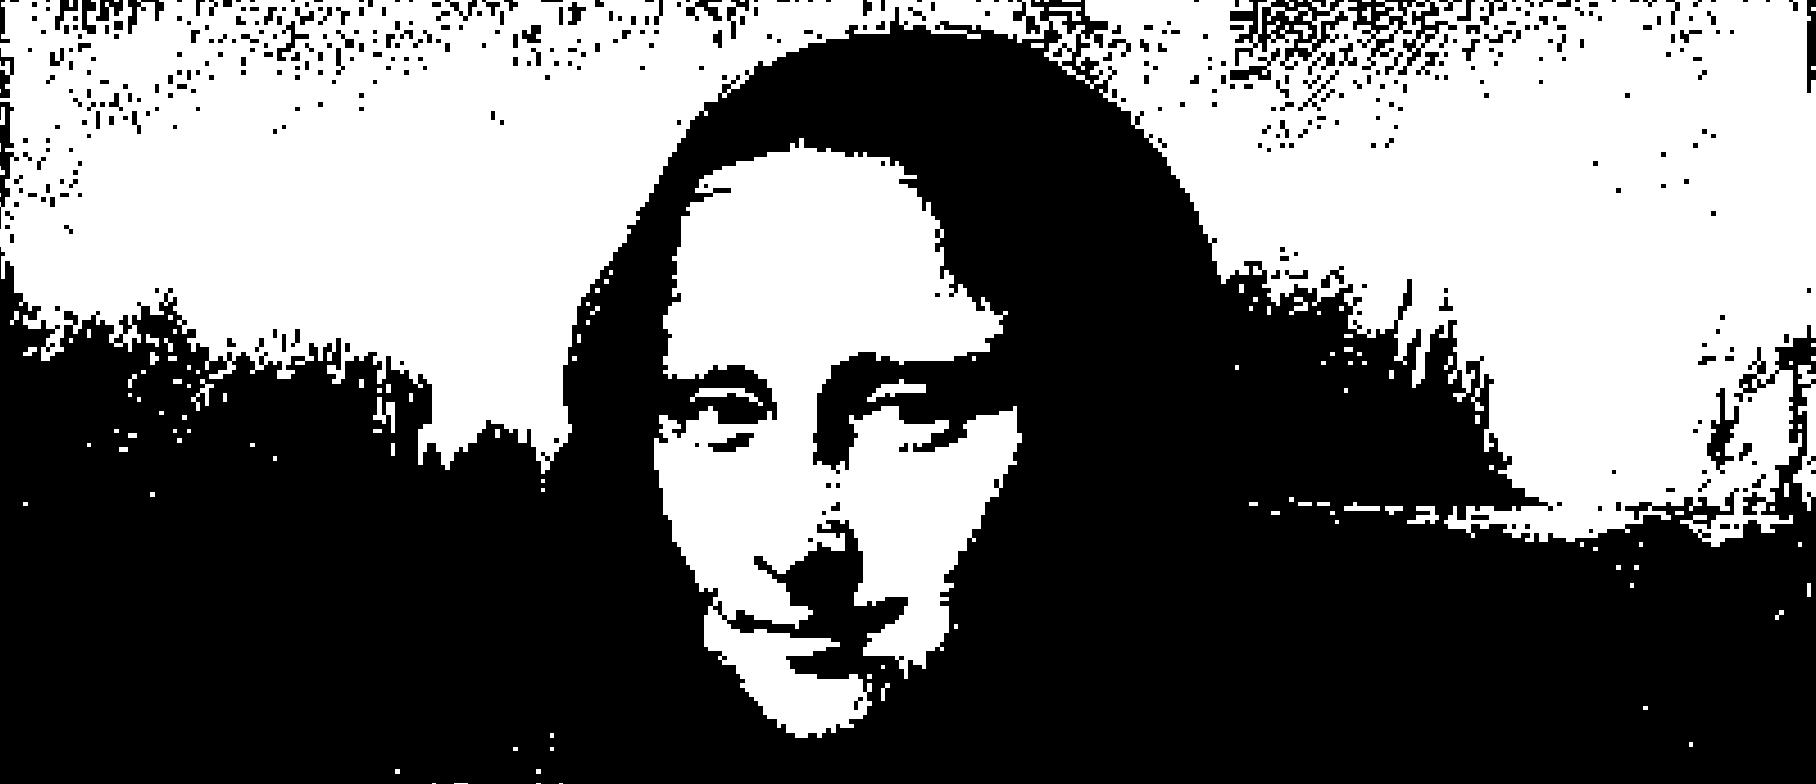 Создание образа Мона Лизы в Игре «Жизнь» - 3